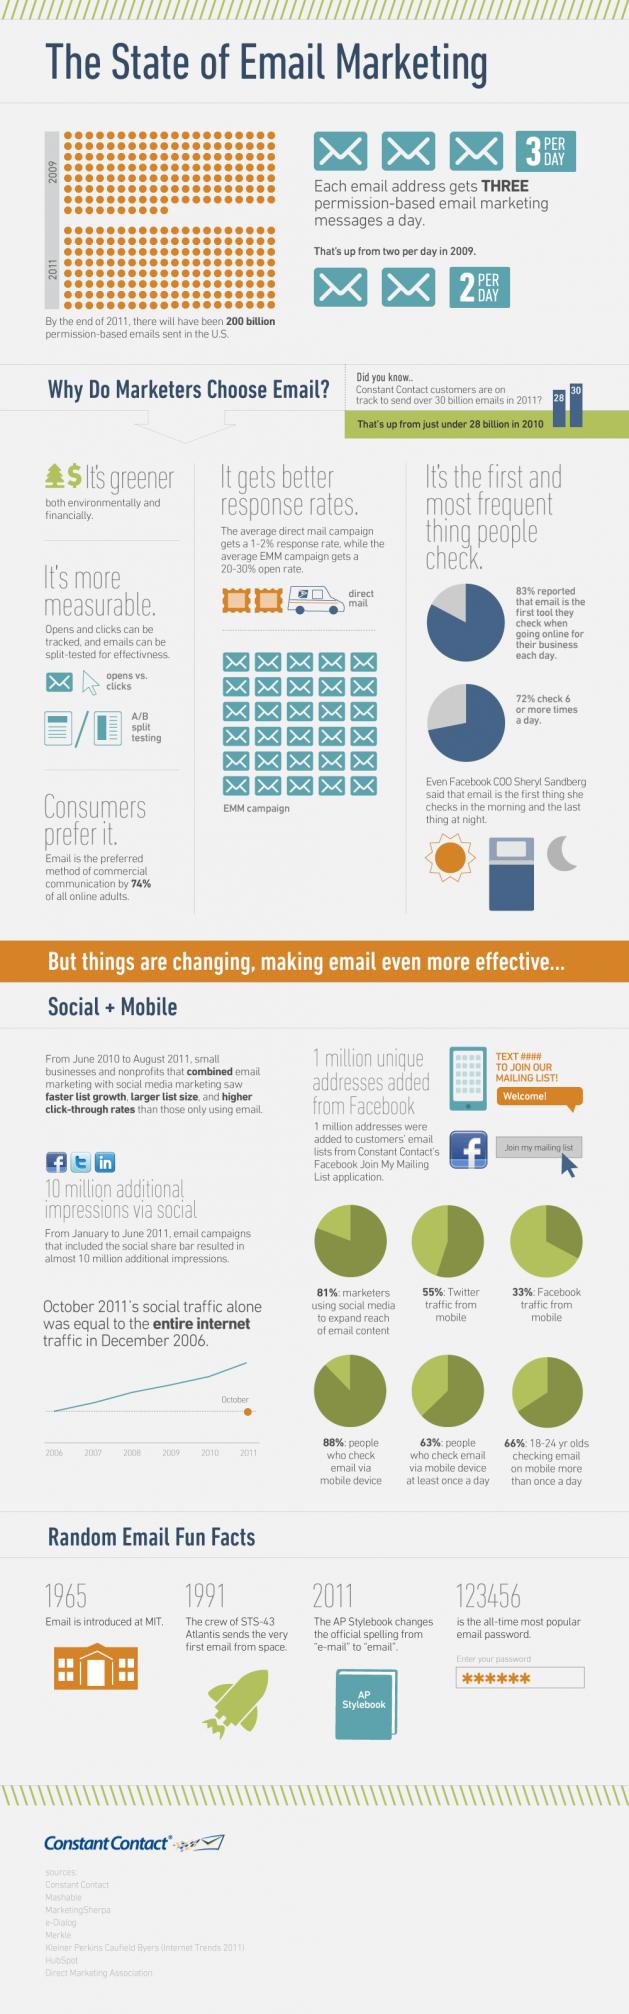 El email es más eficaz que la publicidad tradicional (INFOGRAFÍA)